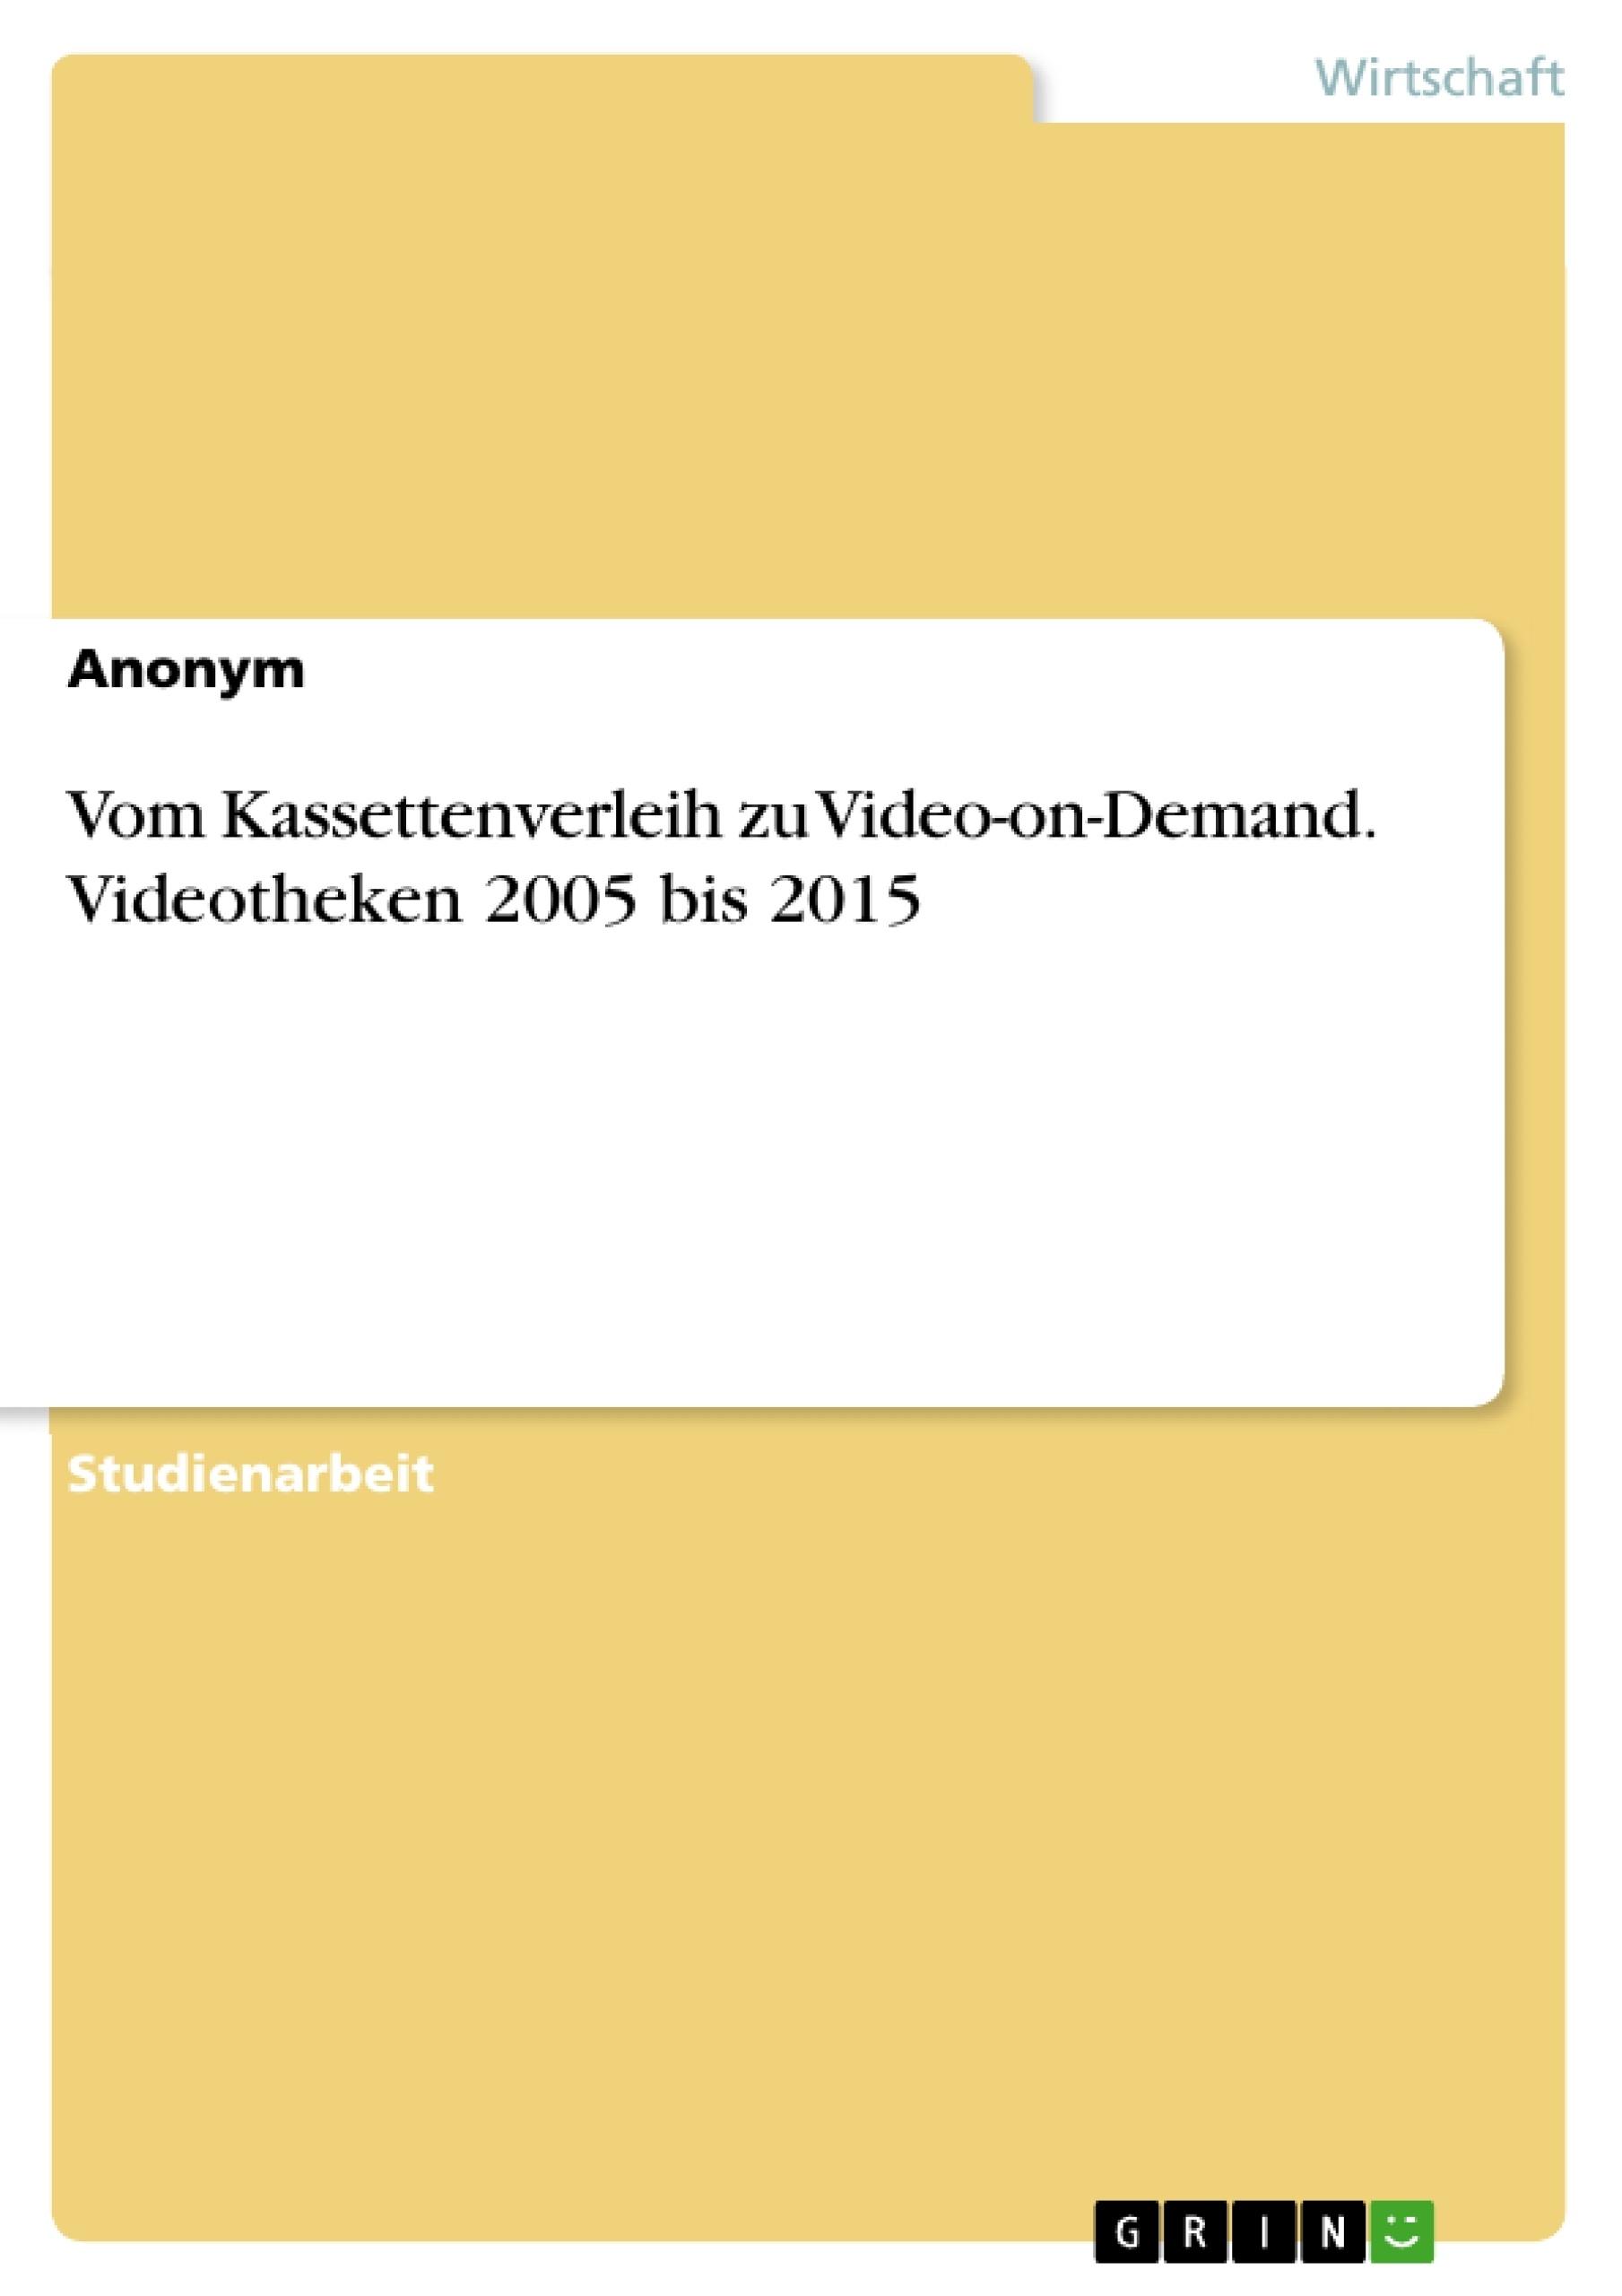 Titel: Vom Kassettenverleih zu Video-on-Demand. Videotheken 2005 bis 2015